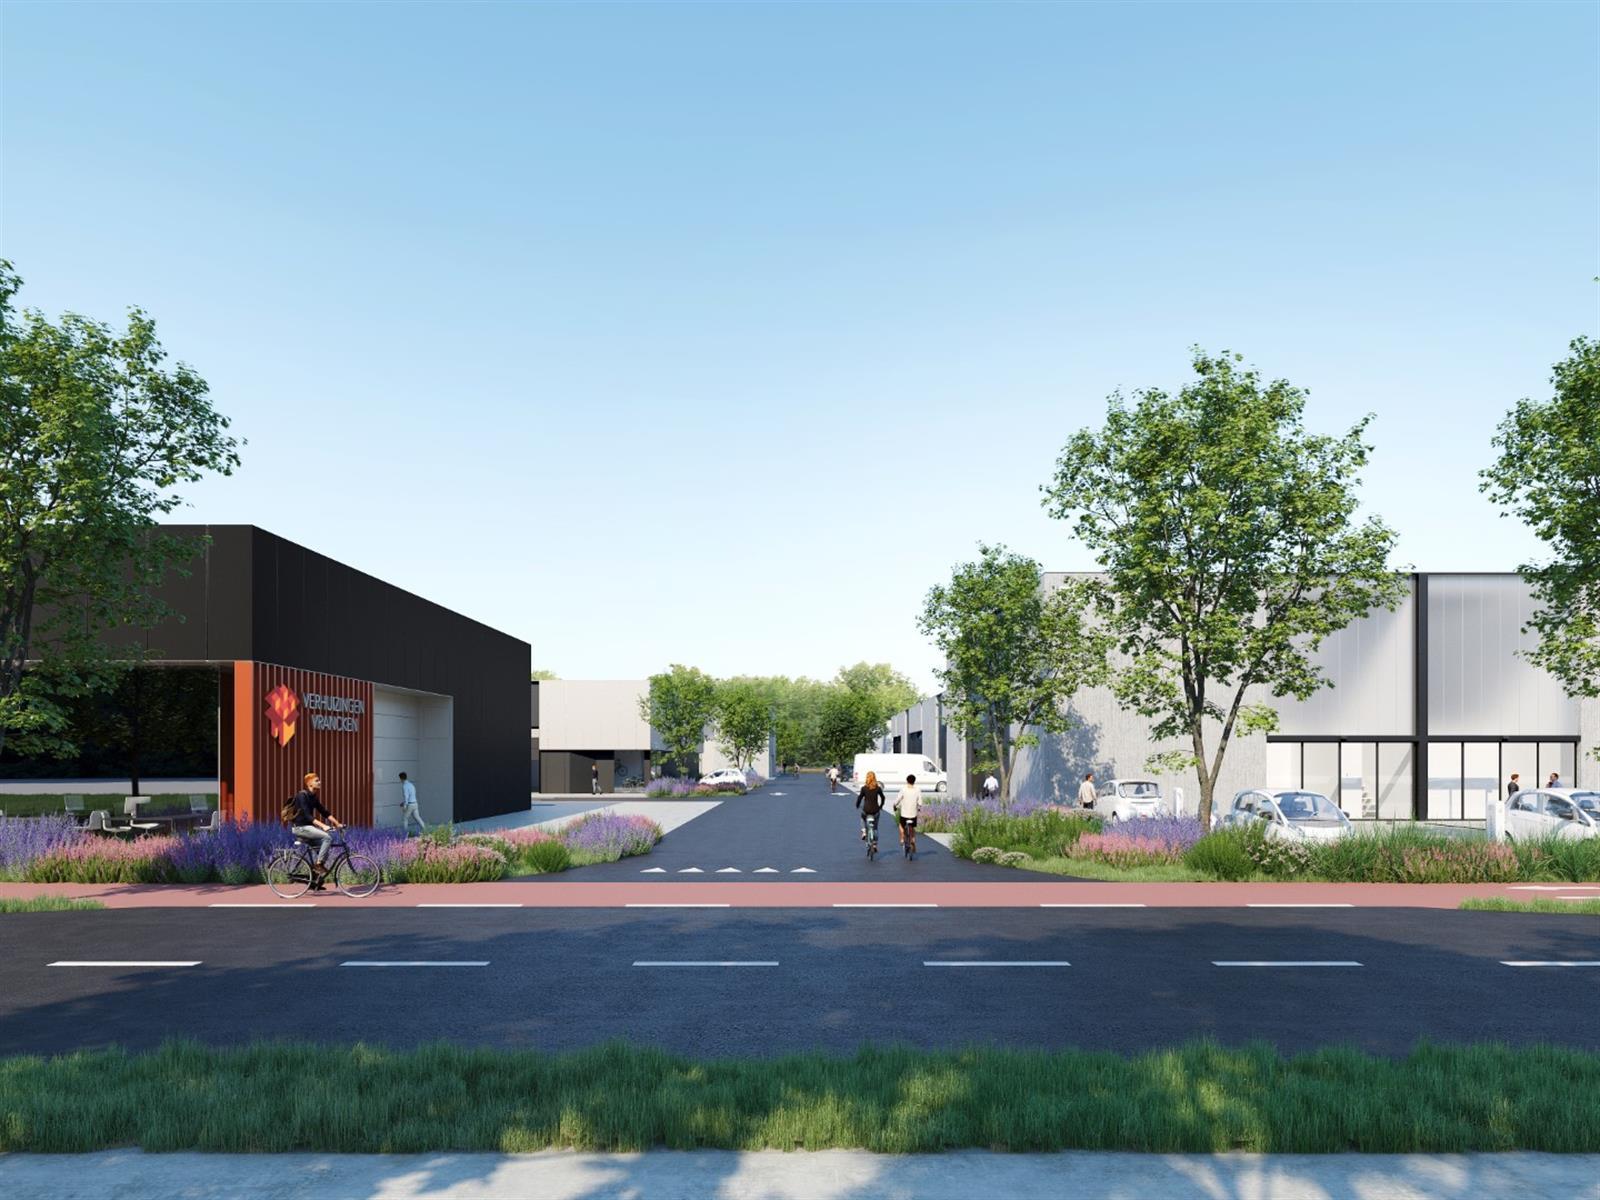 KMO-unit te koop Heros Businesspark KMO Unit 4 - Herkenrodesingel 10, 3500 Hasselt, België 1